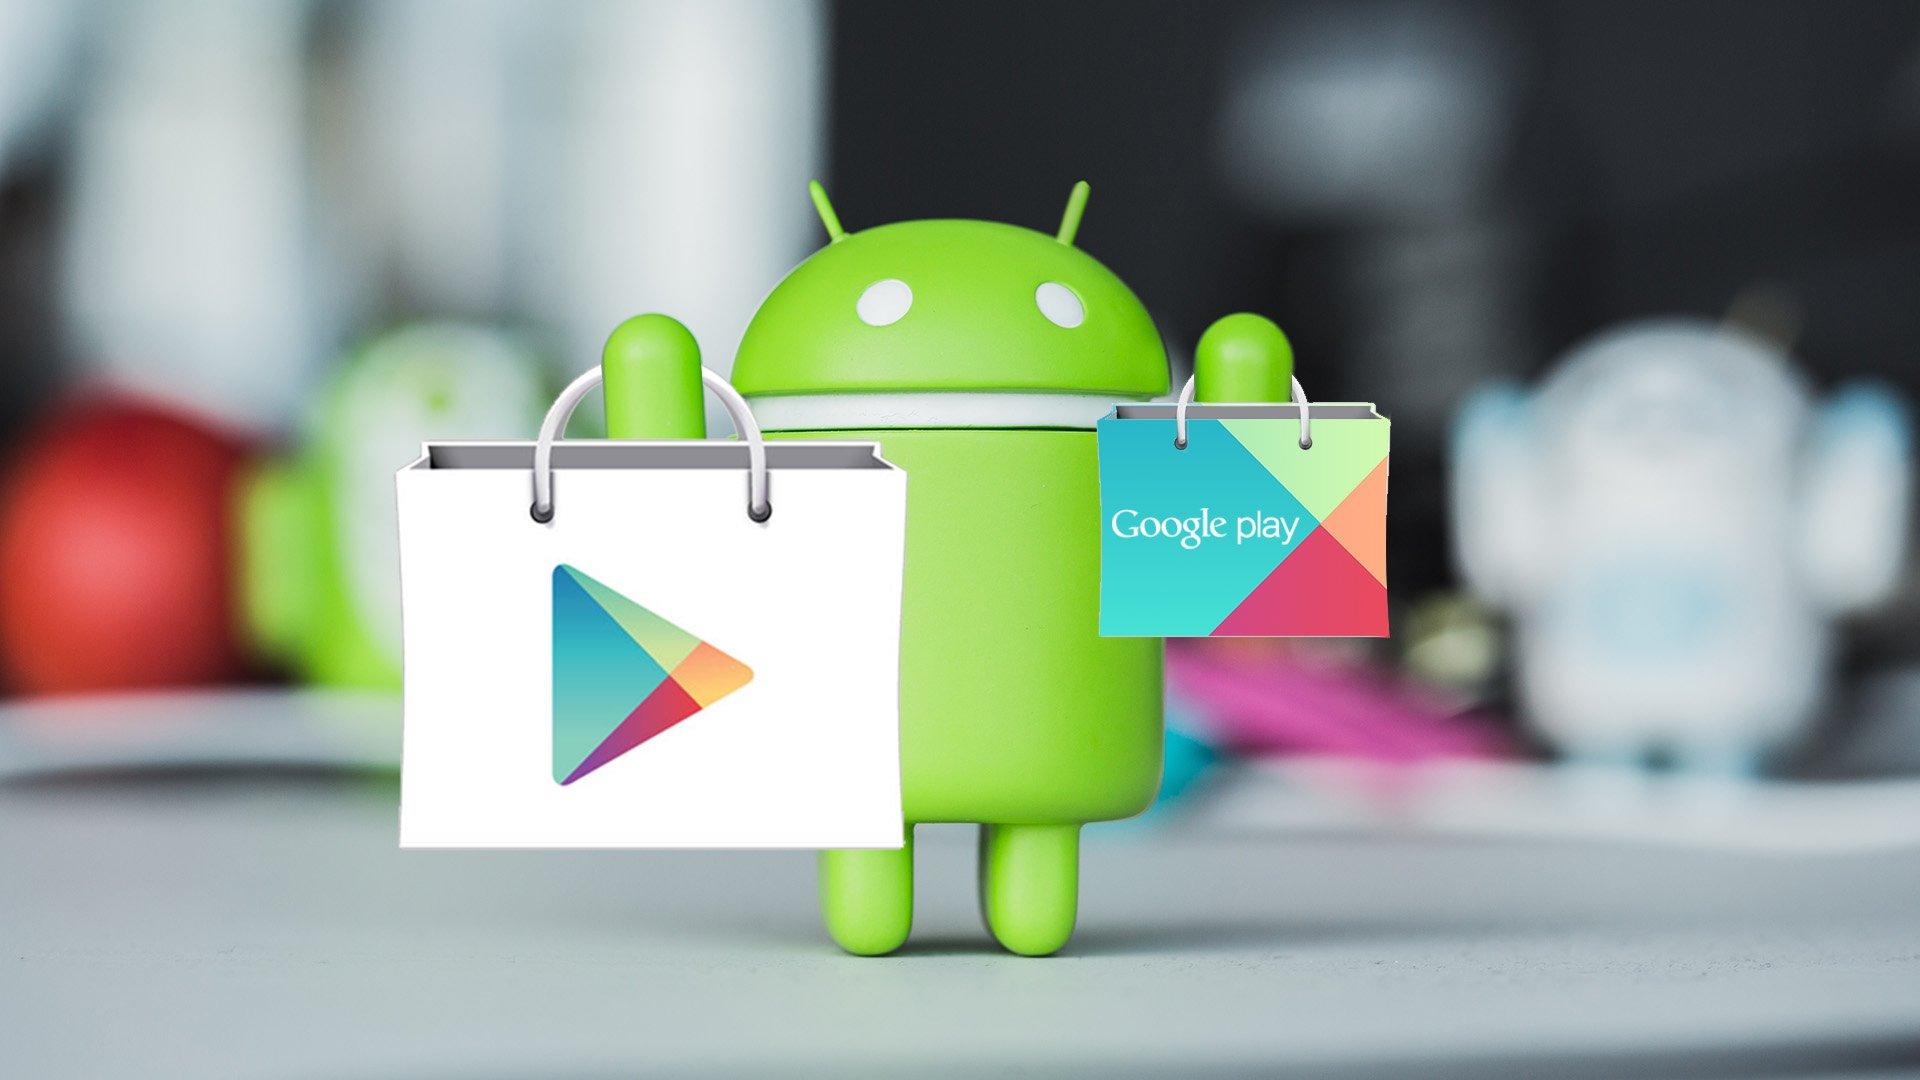 Contatti Fidati per Android fa sapere ai tuoi cari dove sei